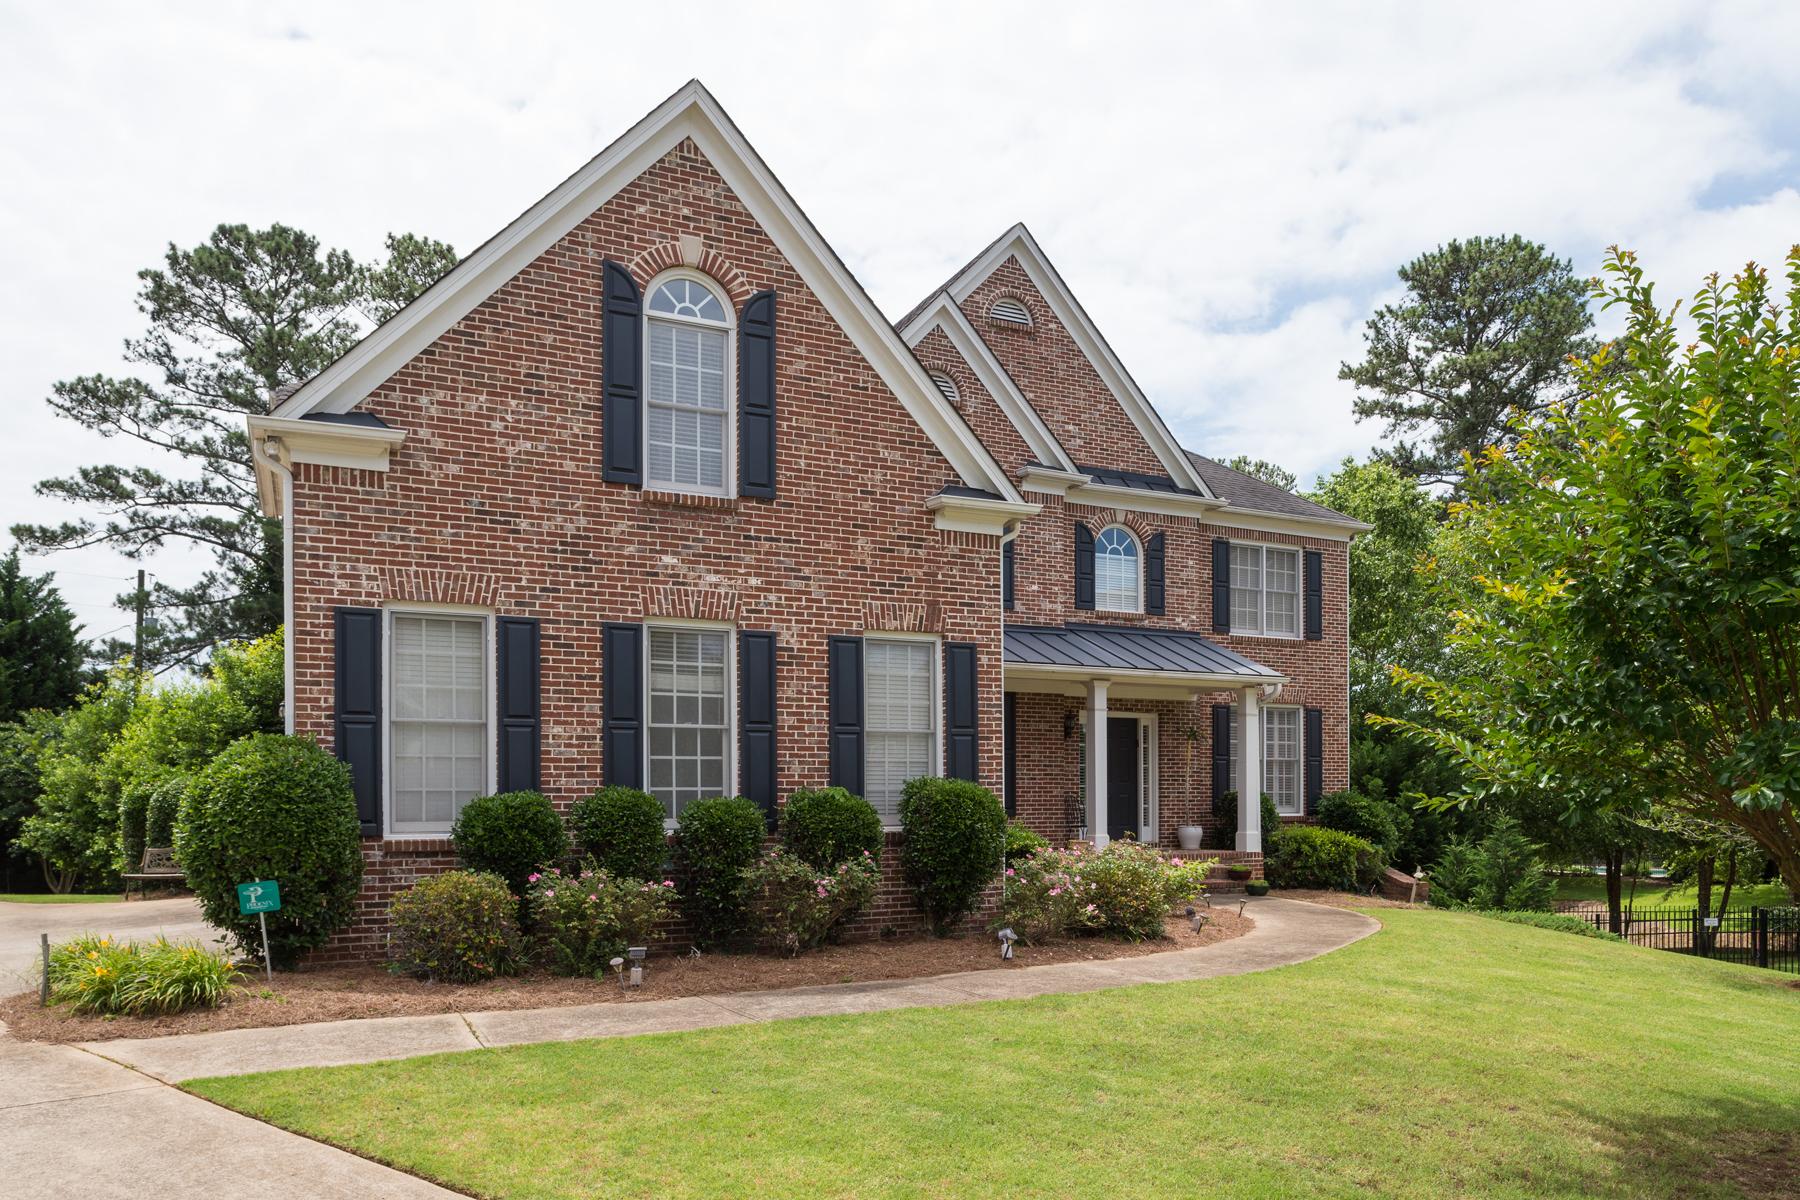 Maison unifamiliale pour l Vente à Amazing Brick Home in East Cobb Finest School District! 918 Saints Court Marietta, Georgia, 30068 États-Unis